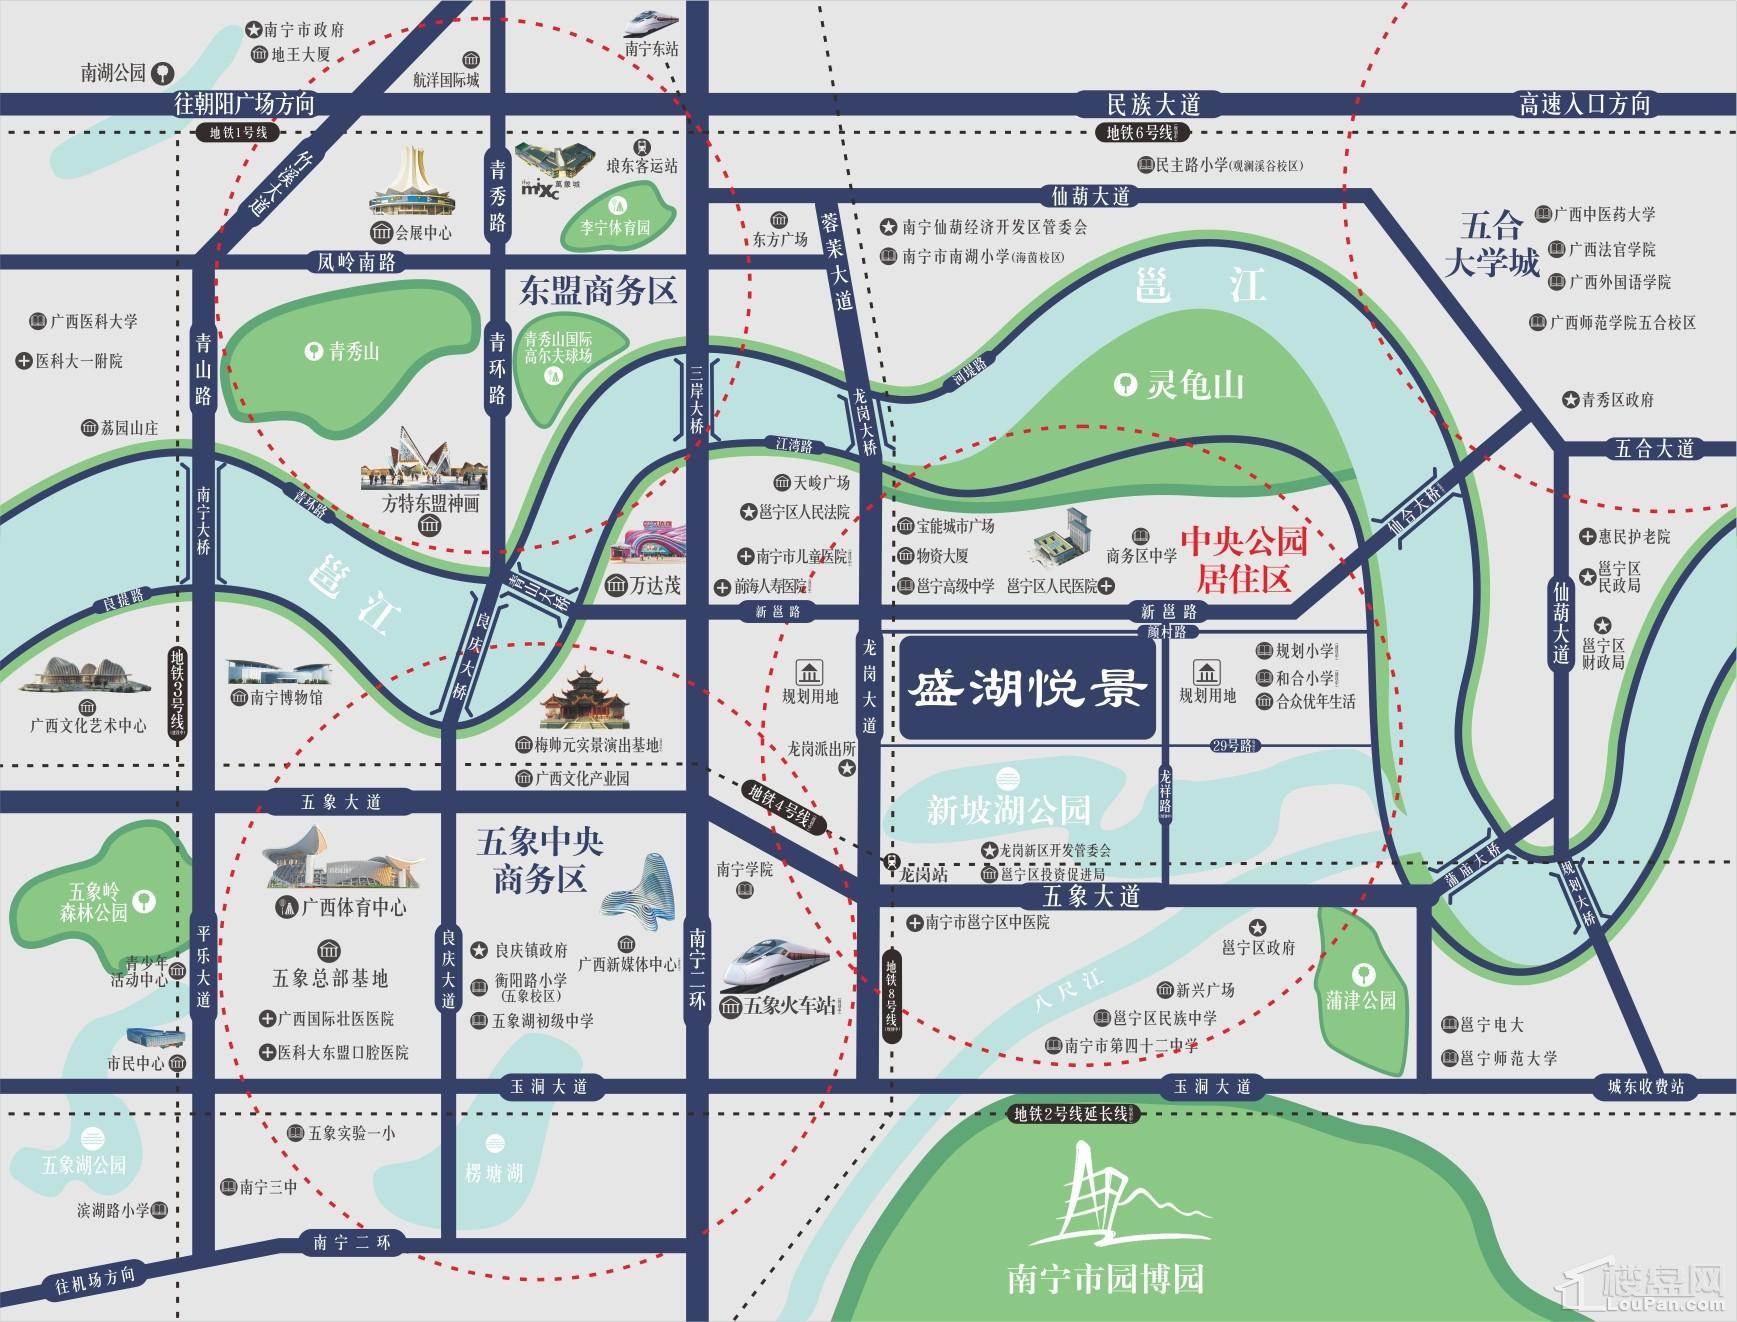 盛湖悦景位置图